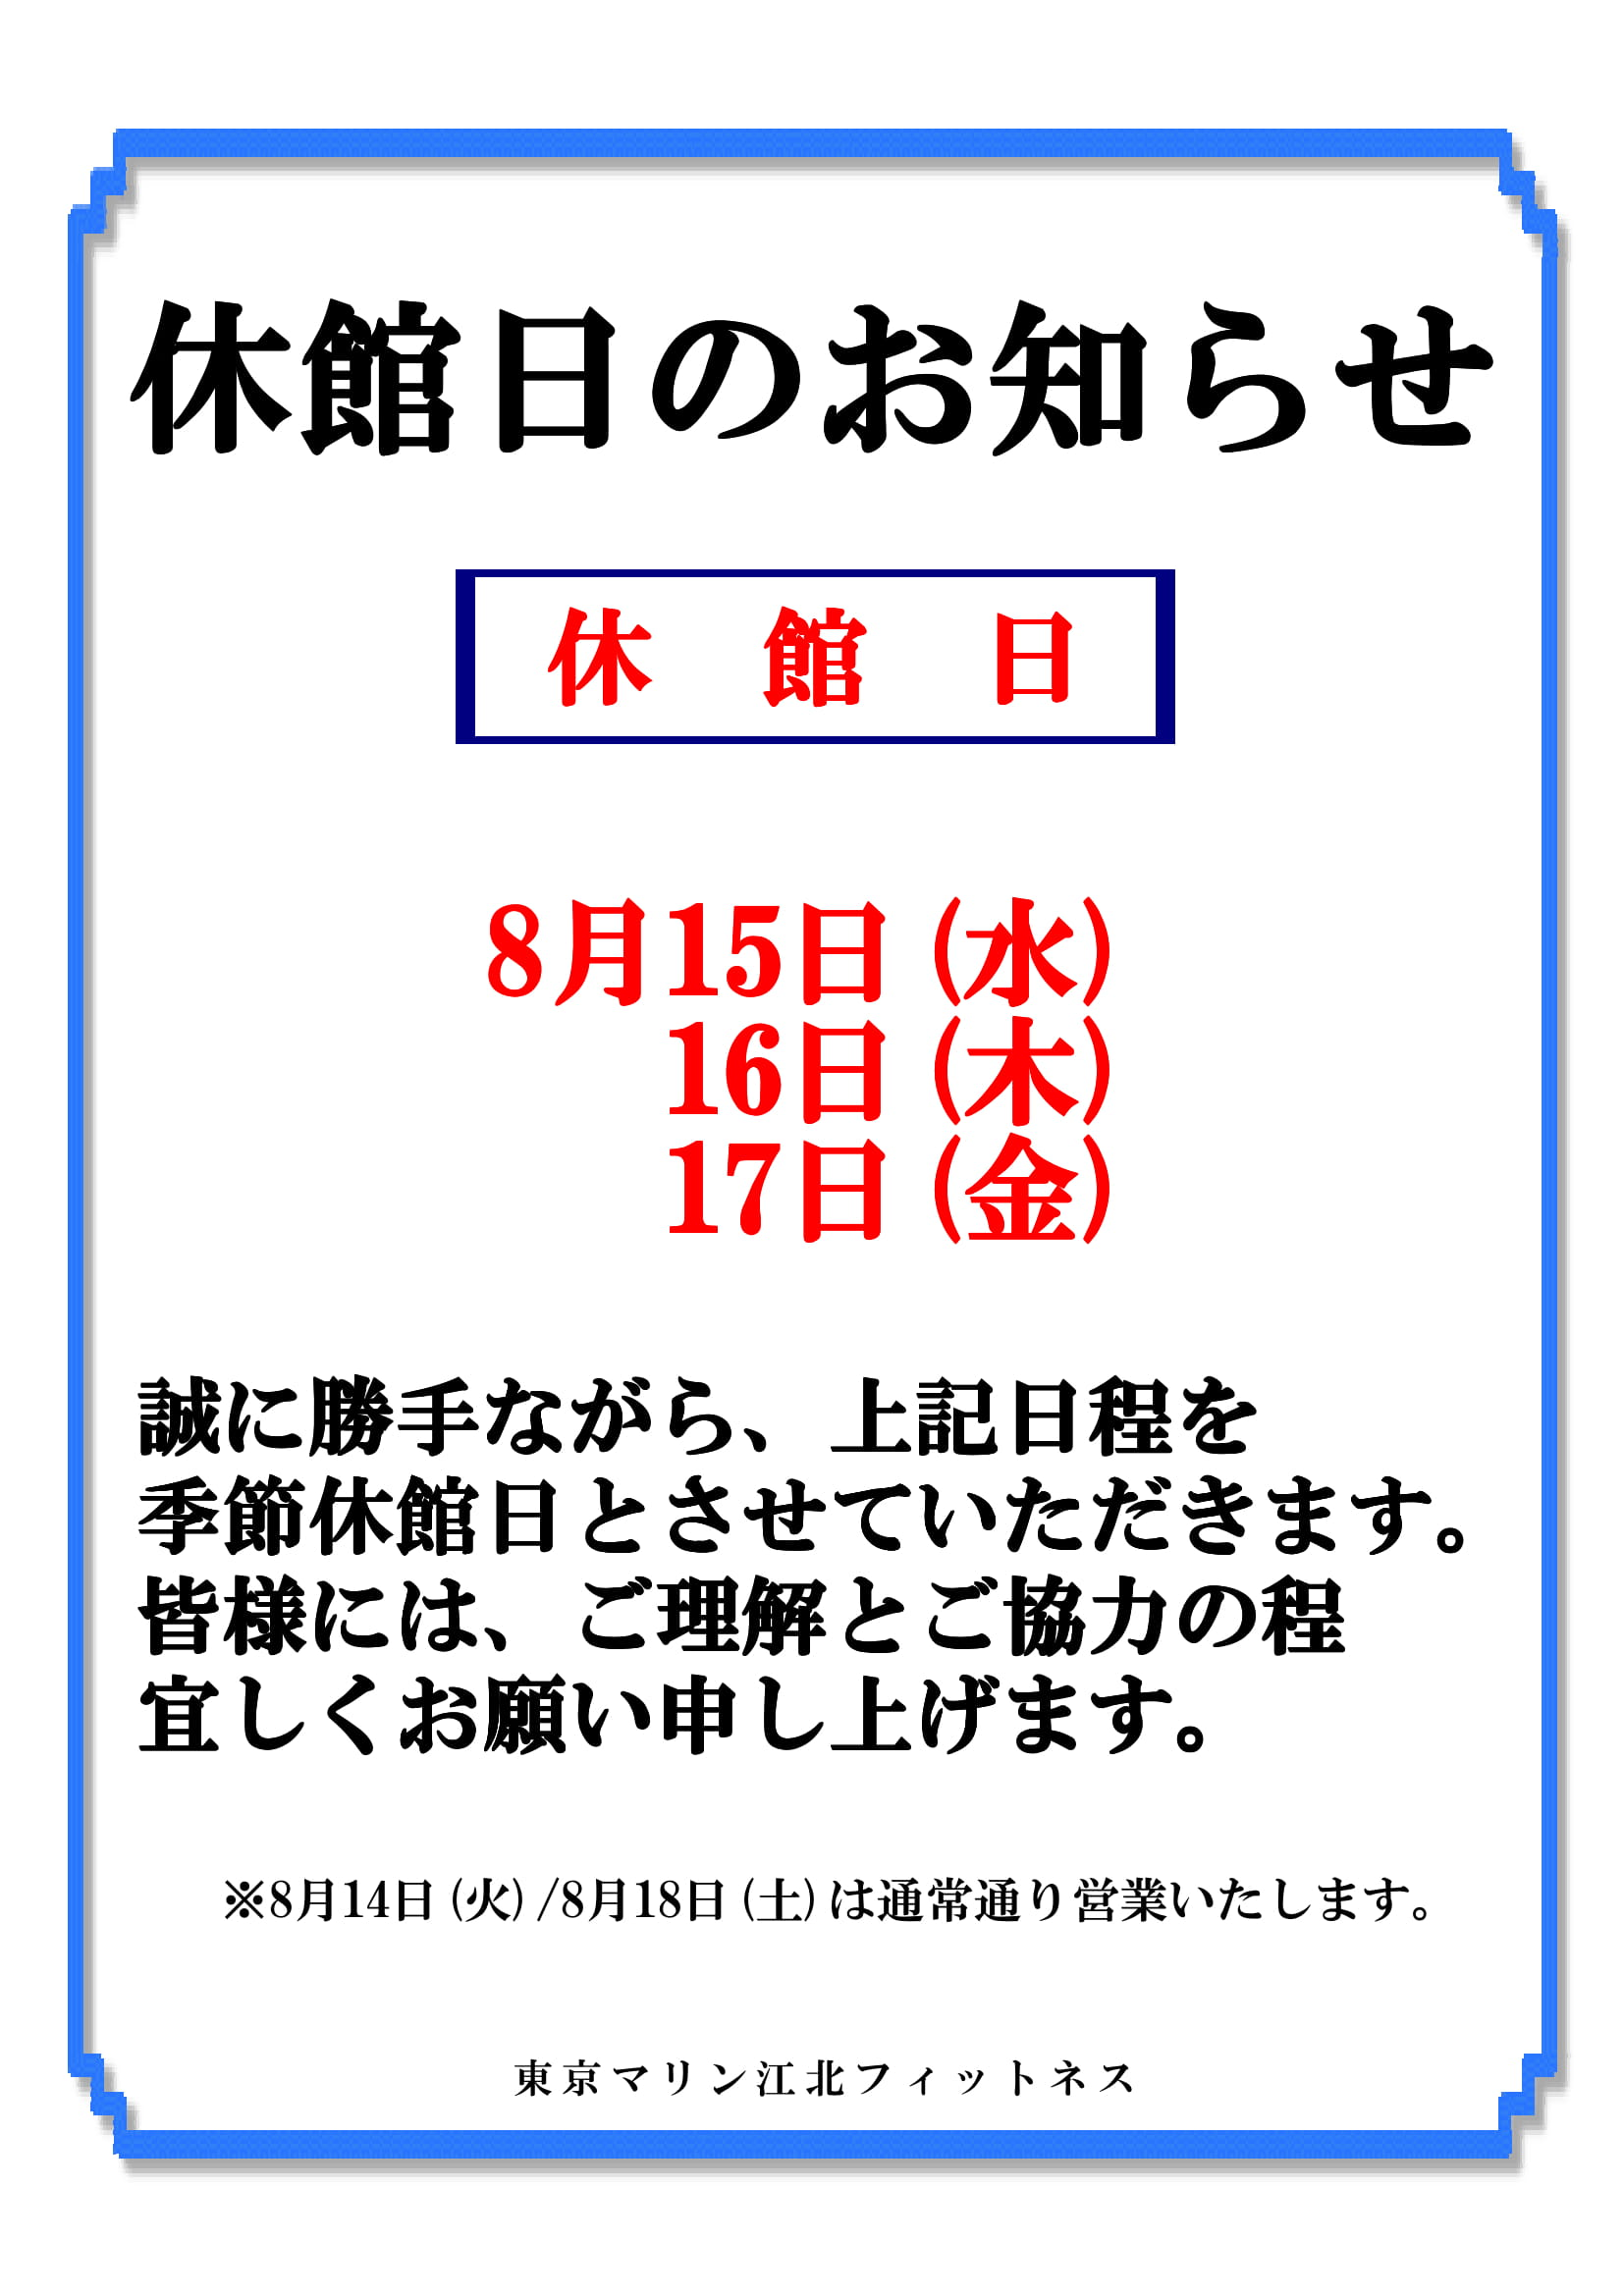 江北フィットネス 季節休館日のお知らせ